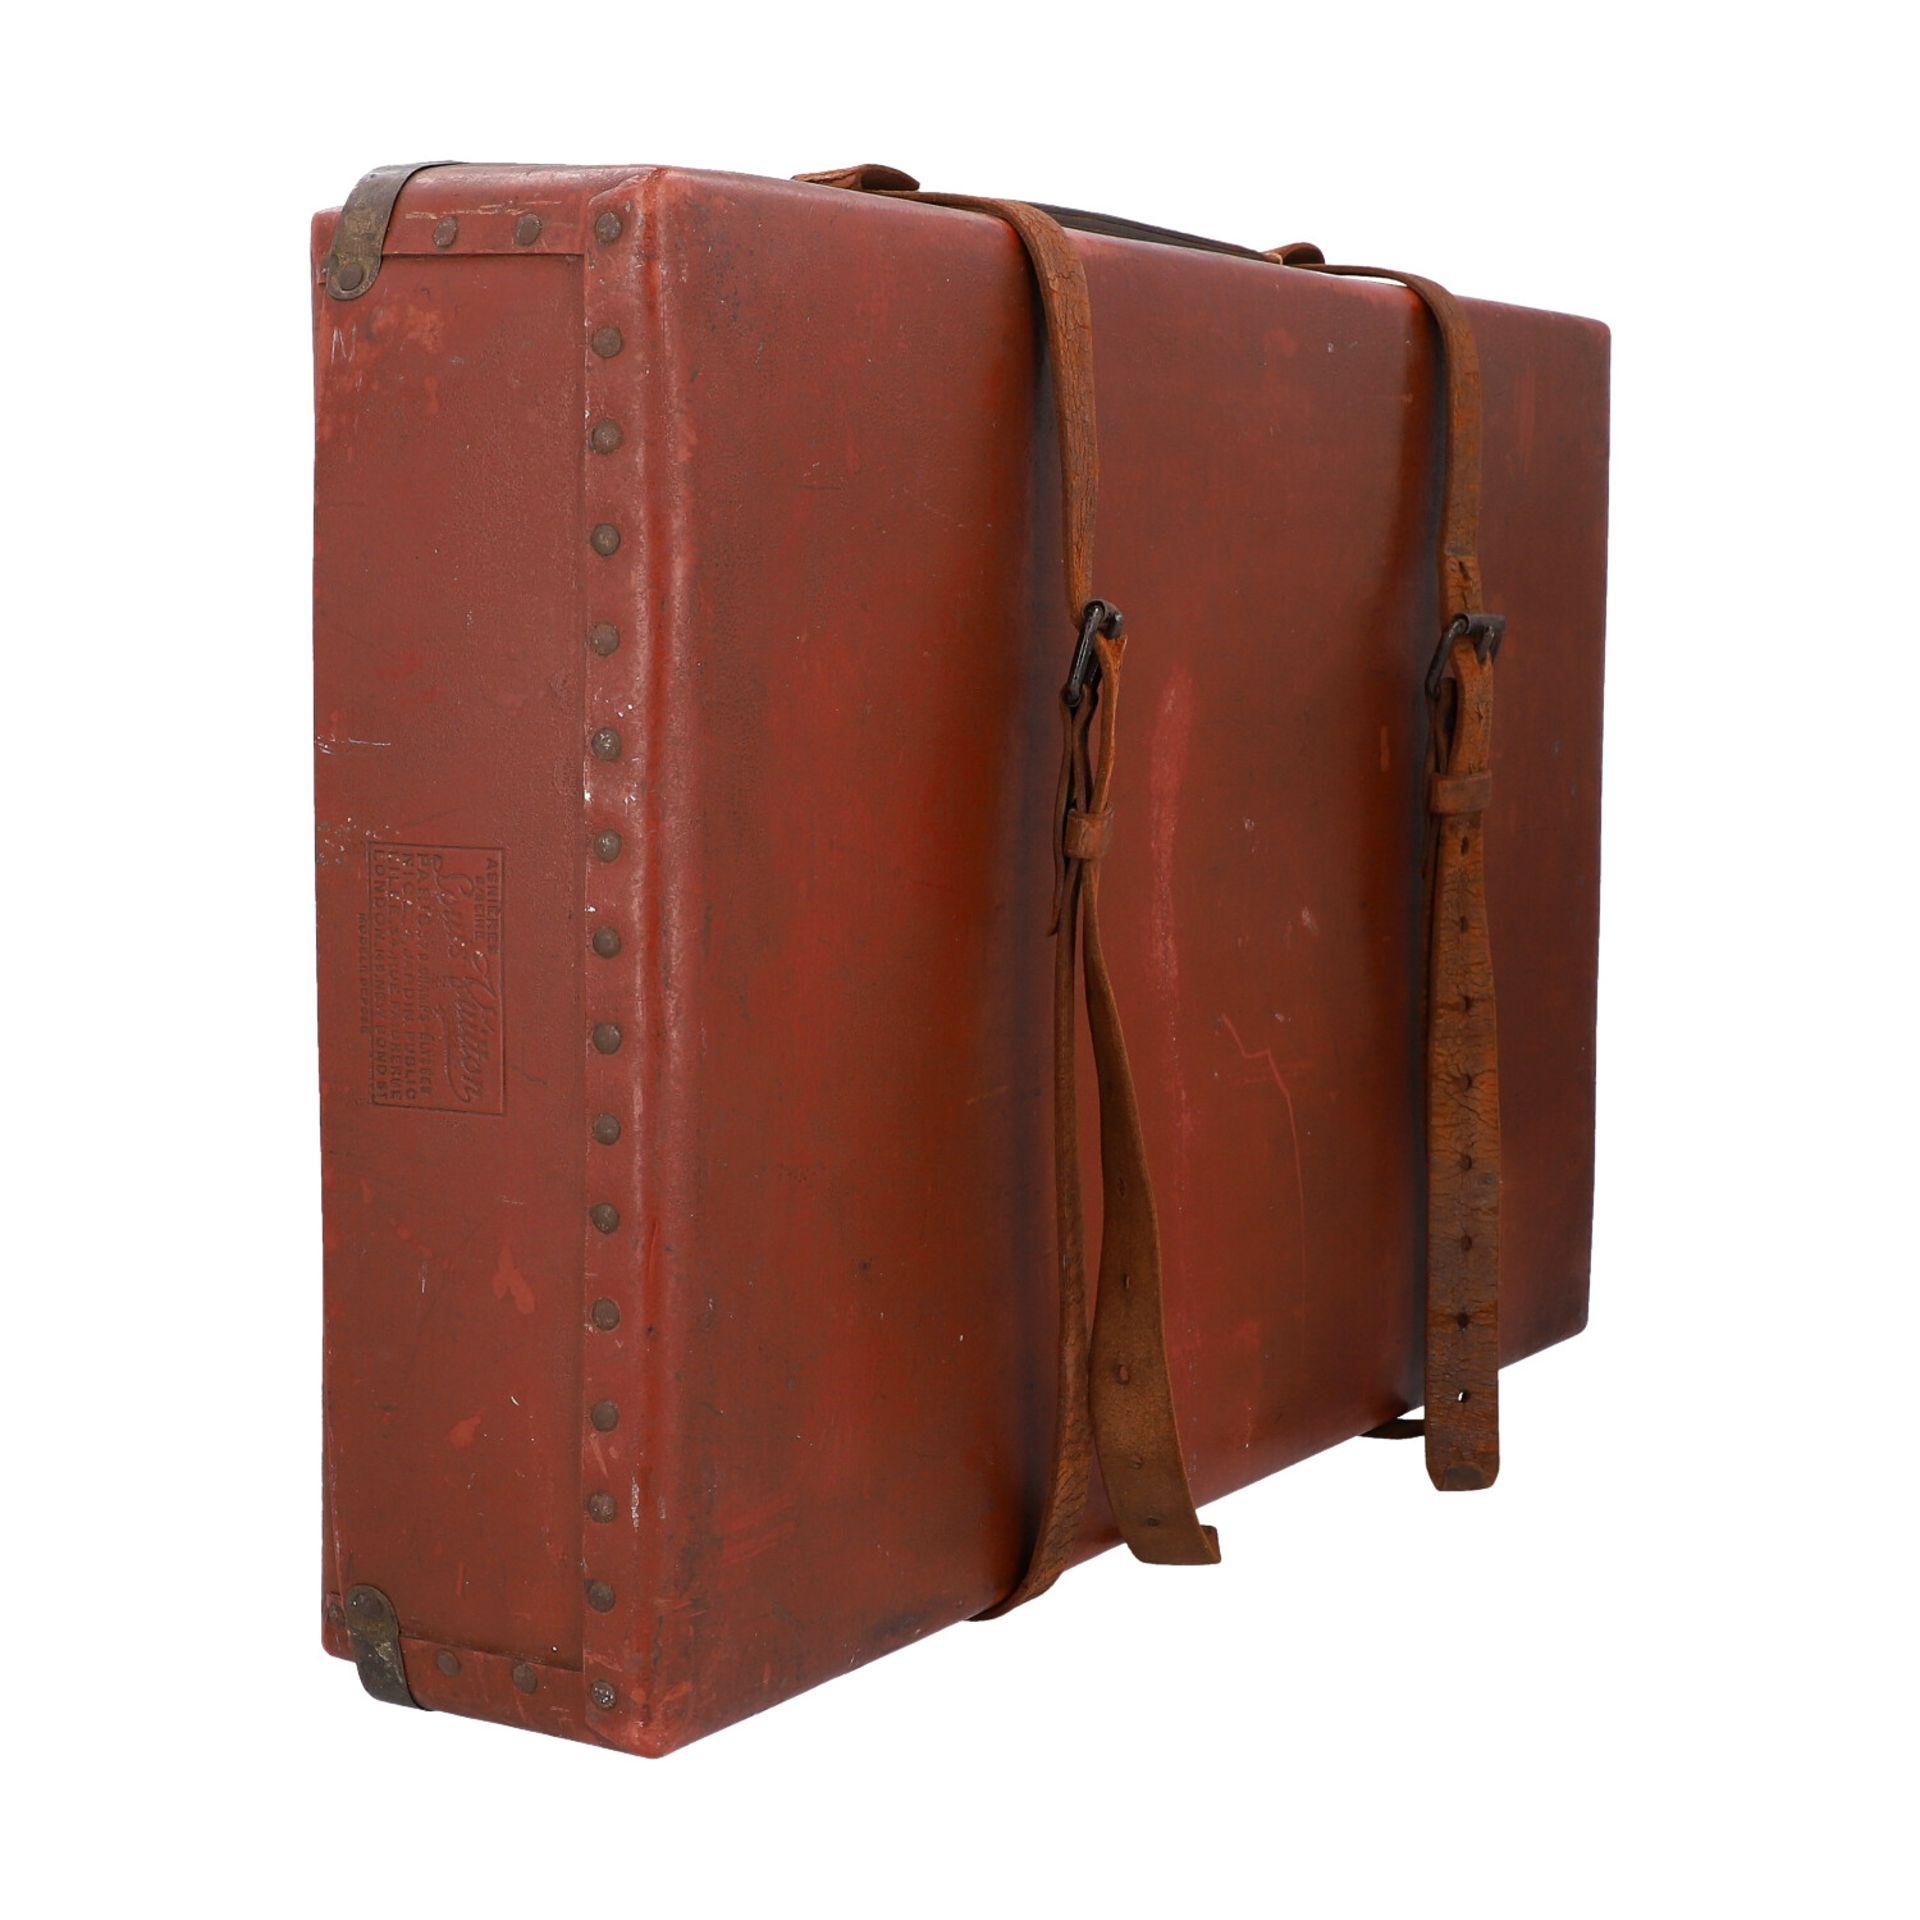 LOUIS VUITTON ANTIKER Reisekoffer, um 1900. Rarität - Sammlerstück! Mit eingravierte - Image 2 of 6